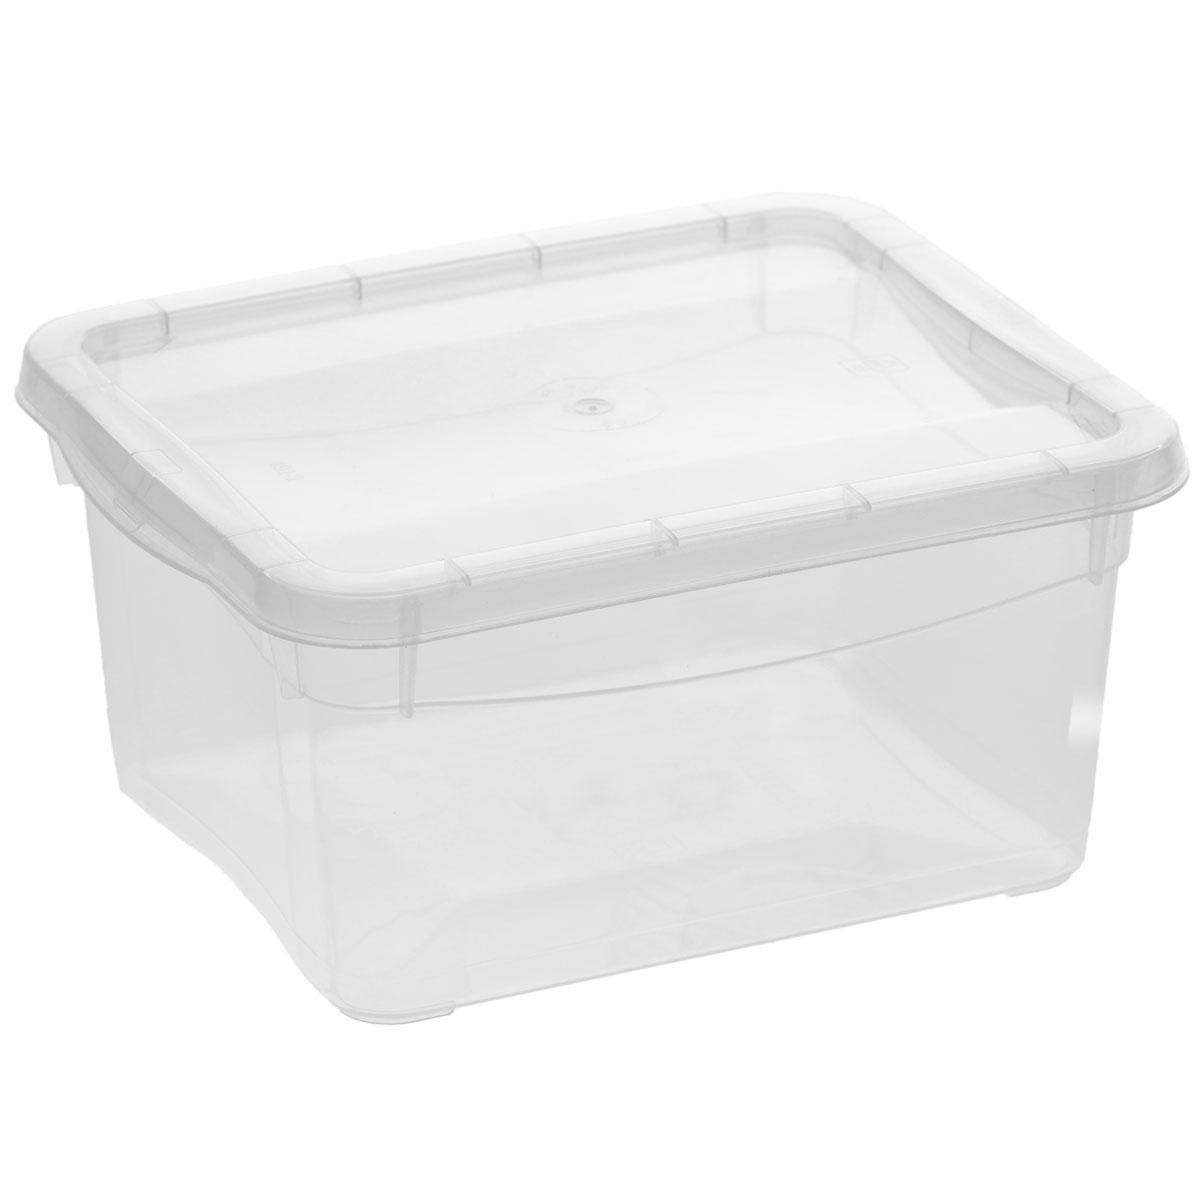 Ящик универсальный Econova Кристалл, 2 лС12491Прямоугольный ящик Econova Кристалл выполнен из высококачественного прозрачного полипропилена. Ящик плотно закрывается крышкой и оснащен ручками для удобной переноски. Ящик Econova Кристалл очень вместителен и поможет вам хранить все необходимые мелочи в одном месте.